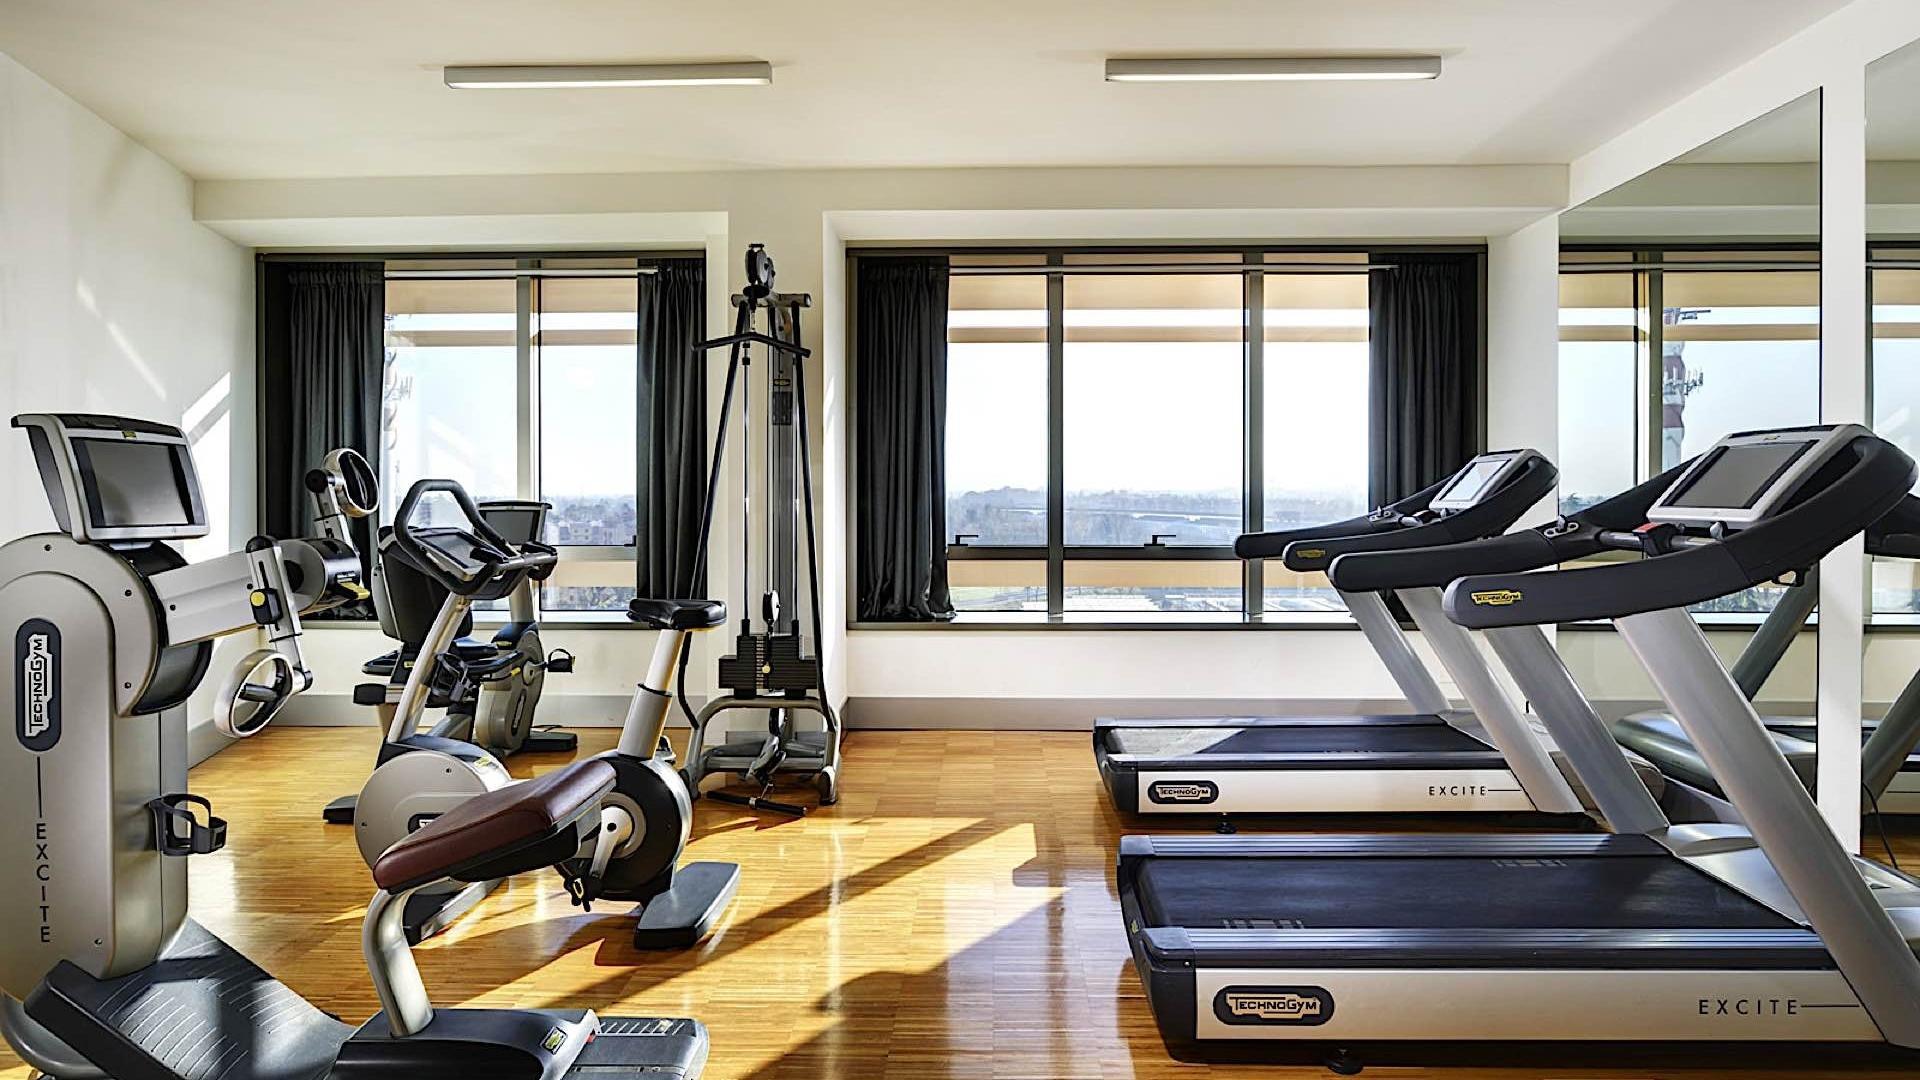 Gym | San Vitale Bologna